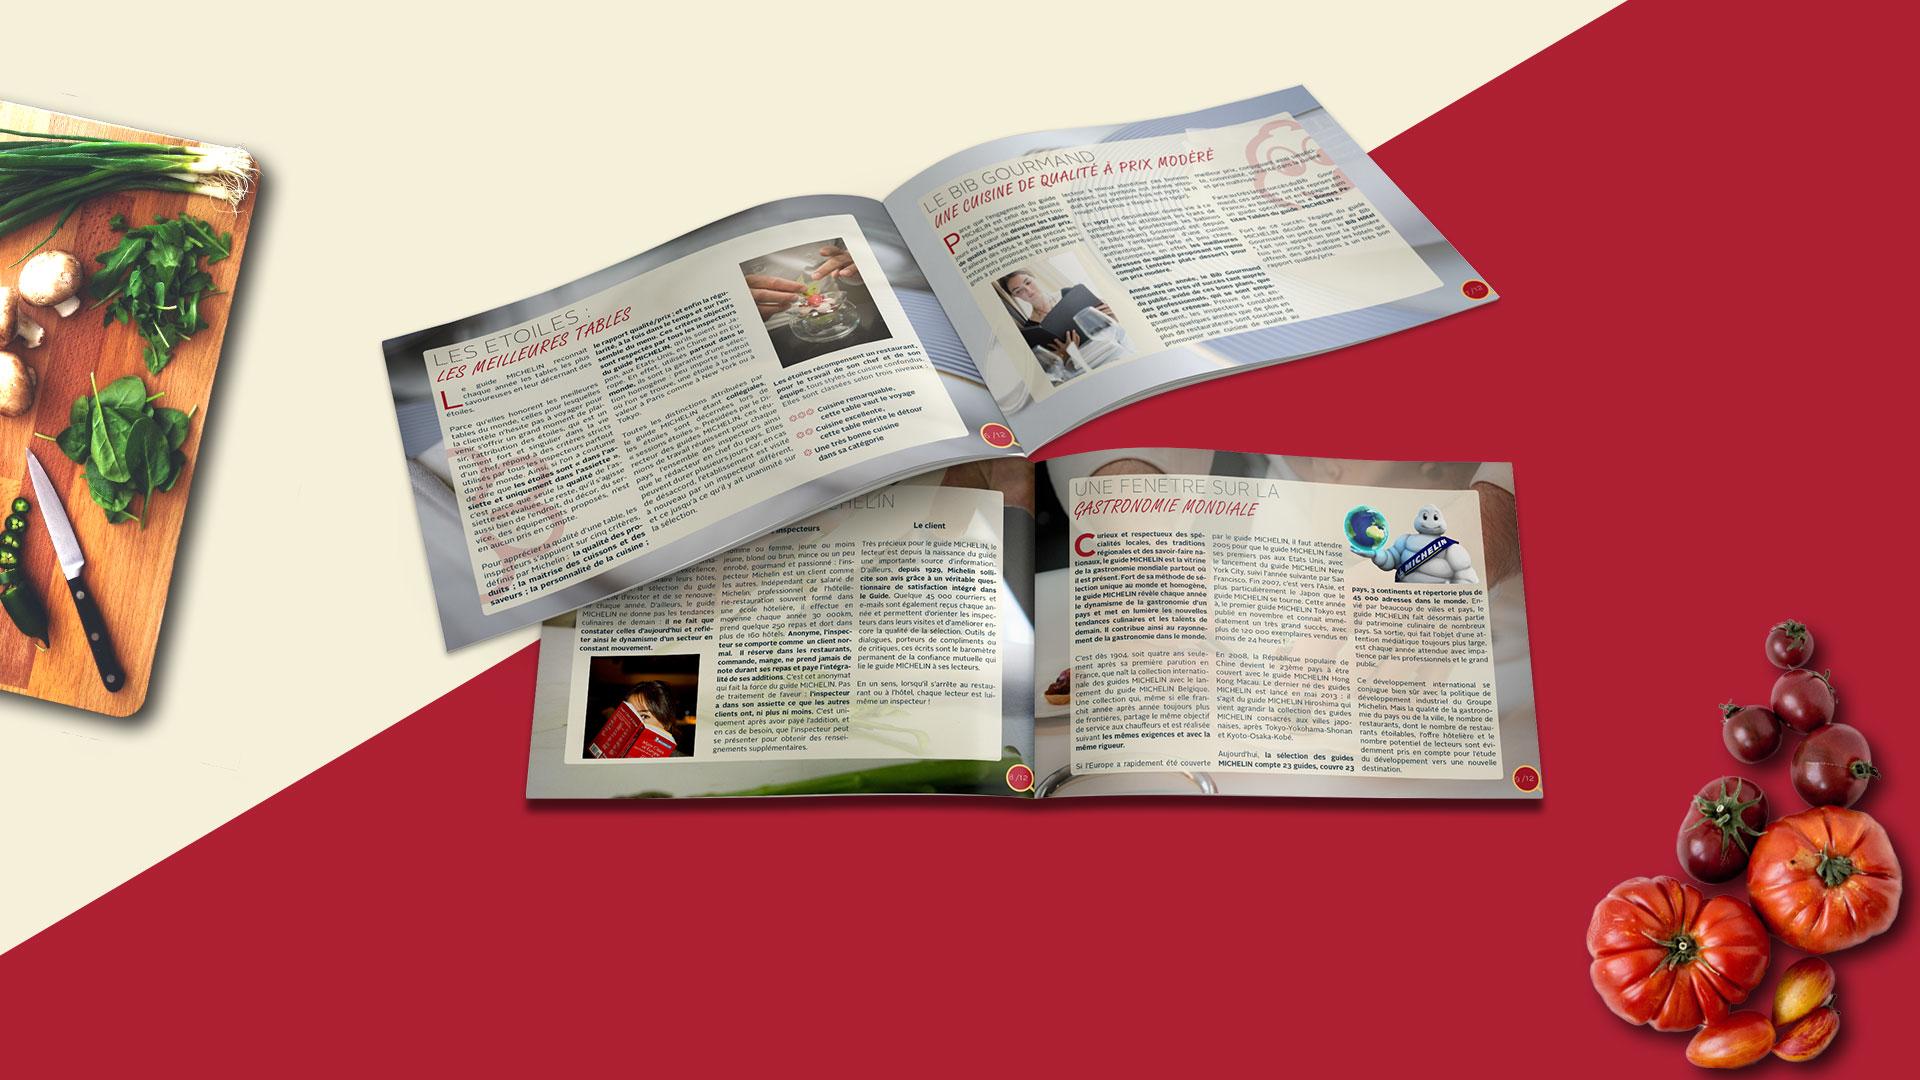 Dossier de presse guide michelin pages intérieurs